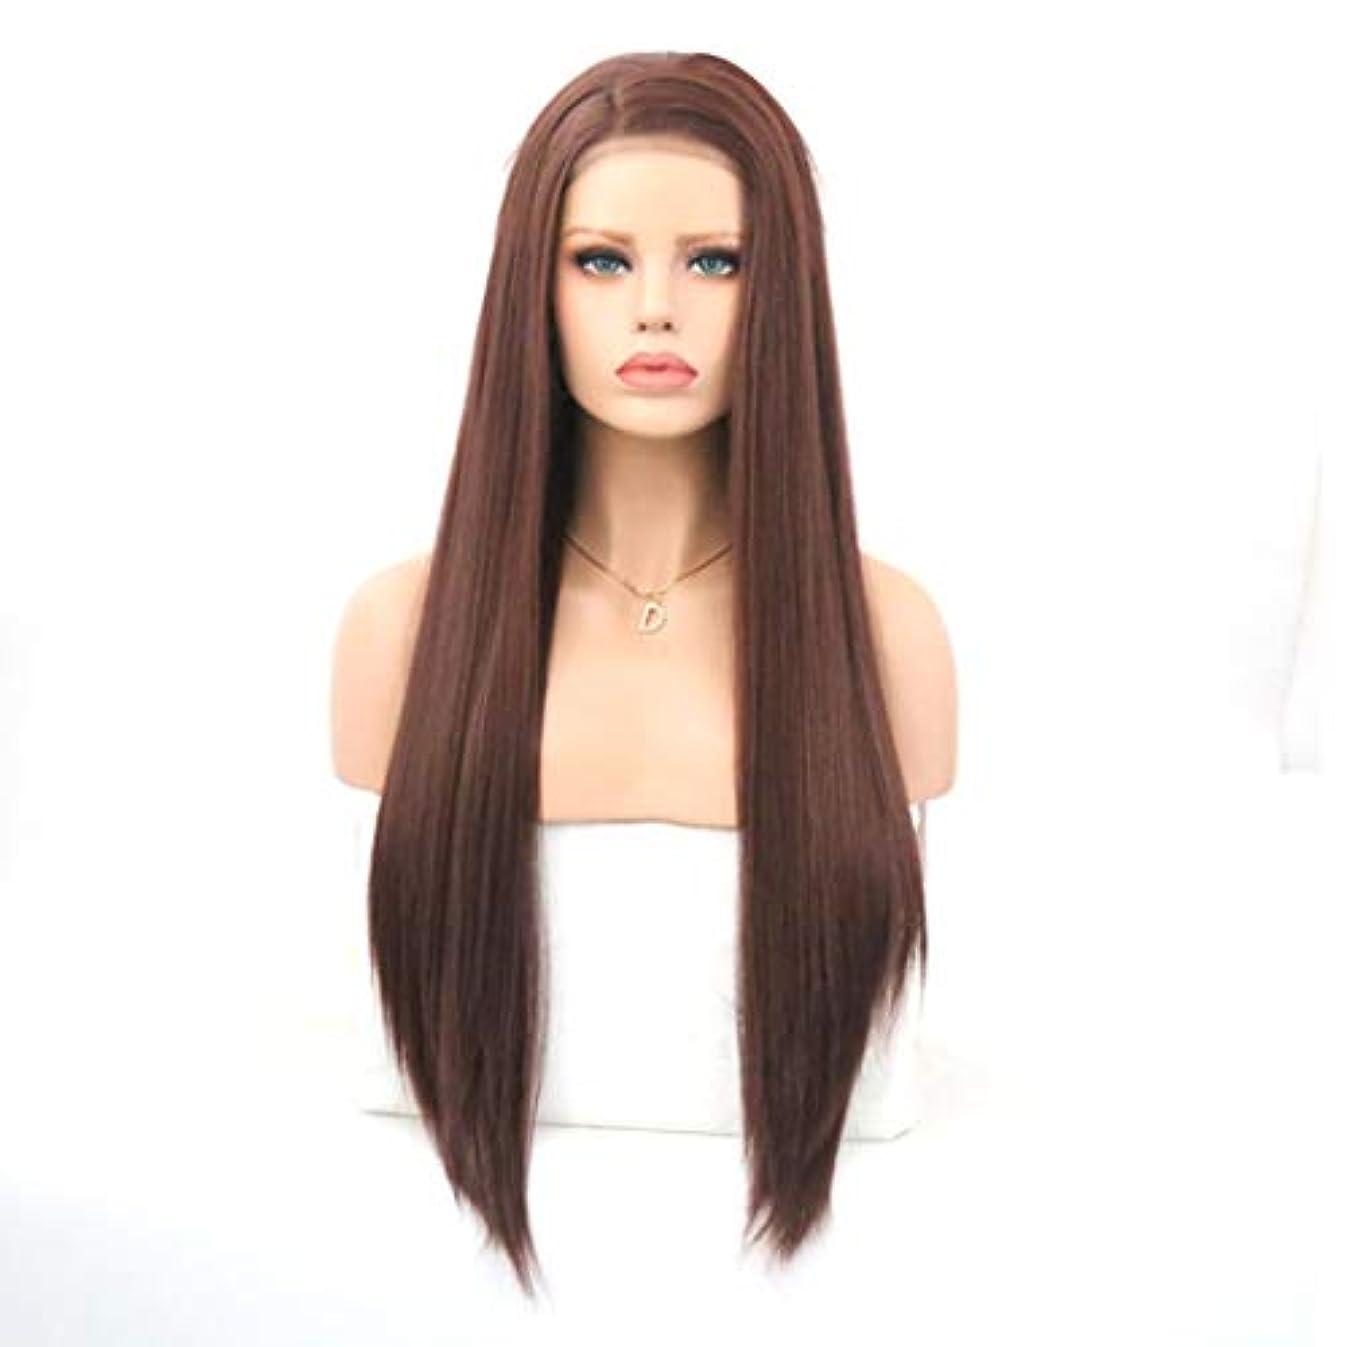 強風気がついて薄めるSummerys 茶色のフロントレース化学繊維かつらヘッドギア高温シルクロングストレートウィッグ女性用 (Size : 20 inches)